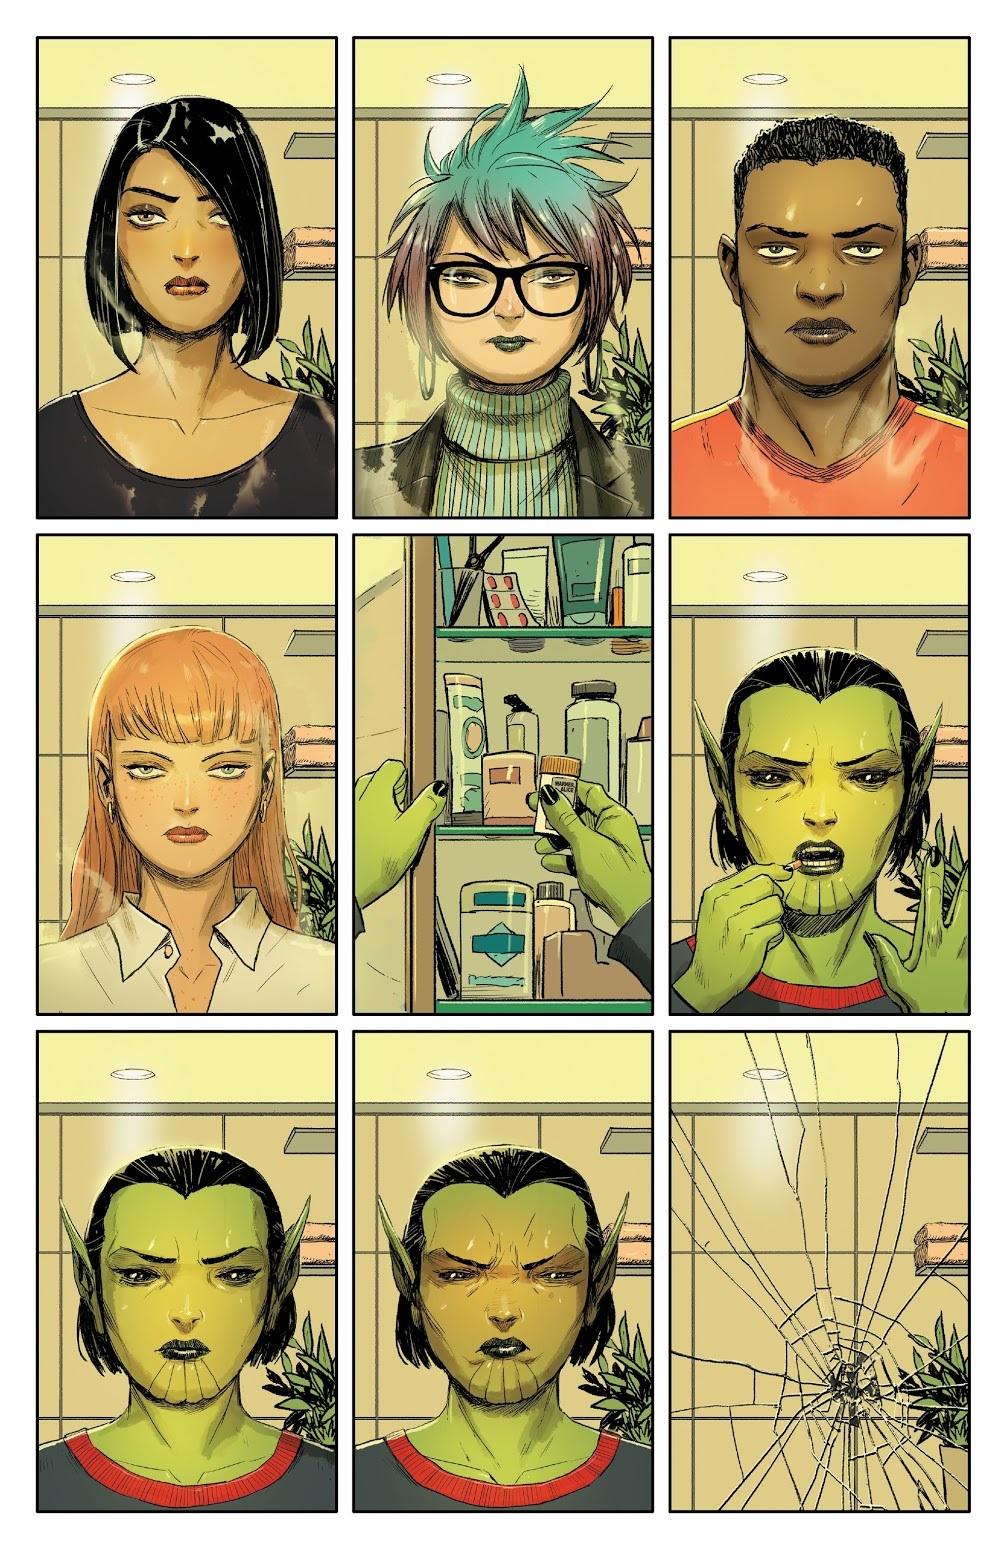 Зачем читать Meet the Skrulls? История осемье пришельцев-шпионов, скрывающихся наЗемле | Канобу - Изображение 4